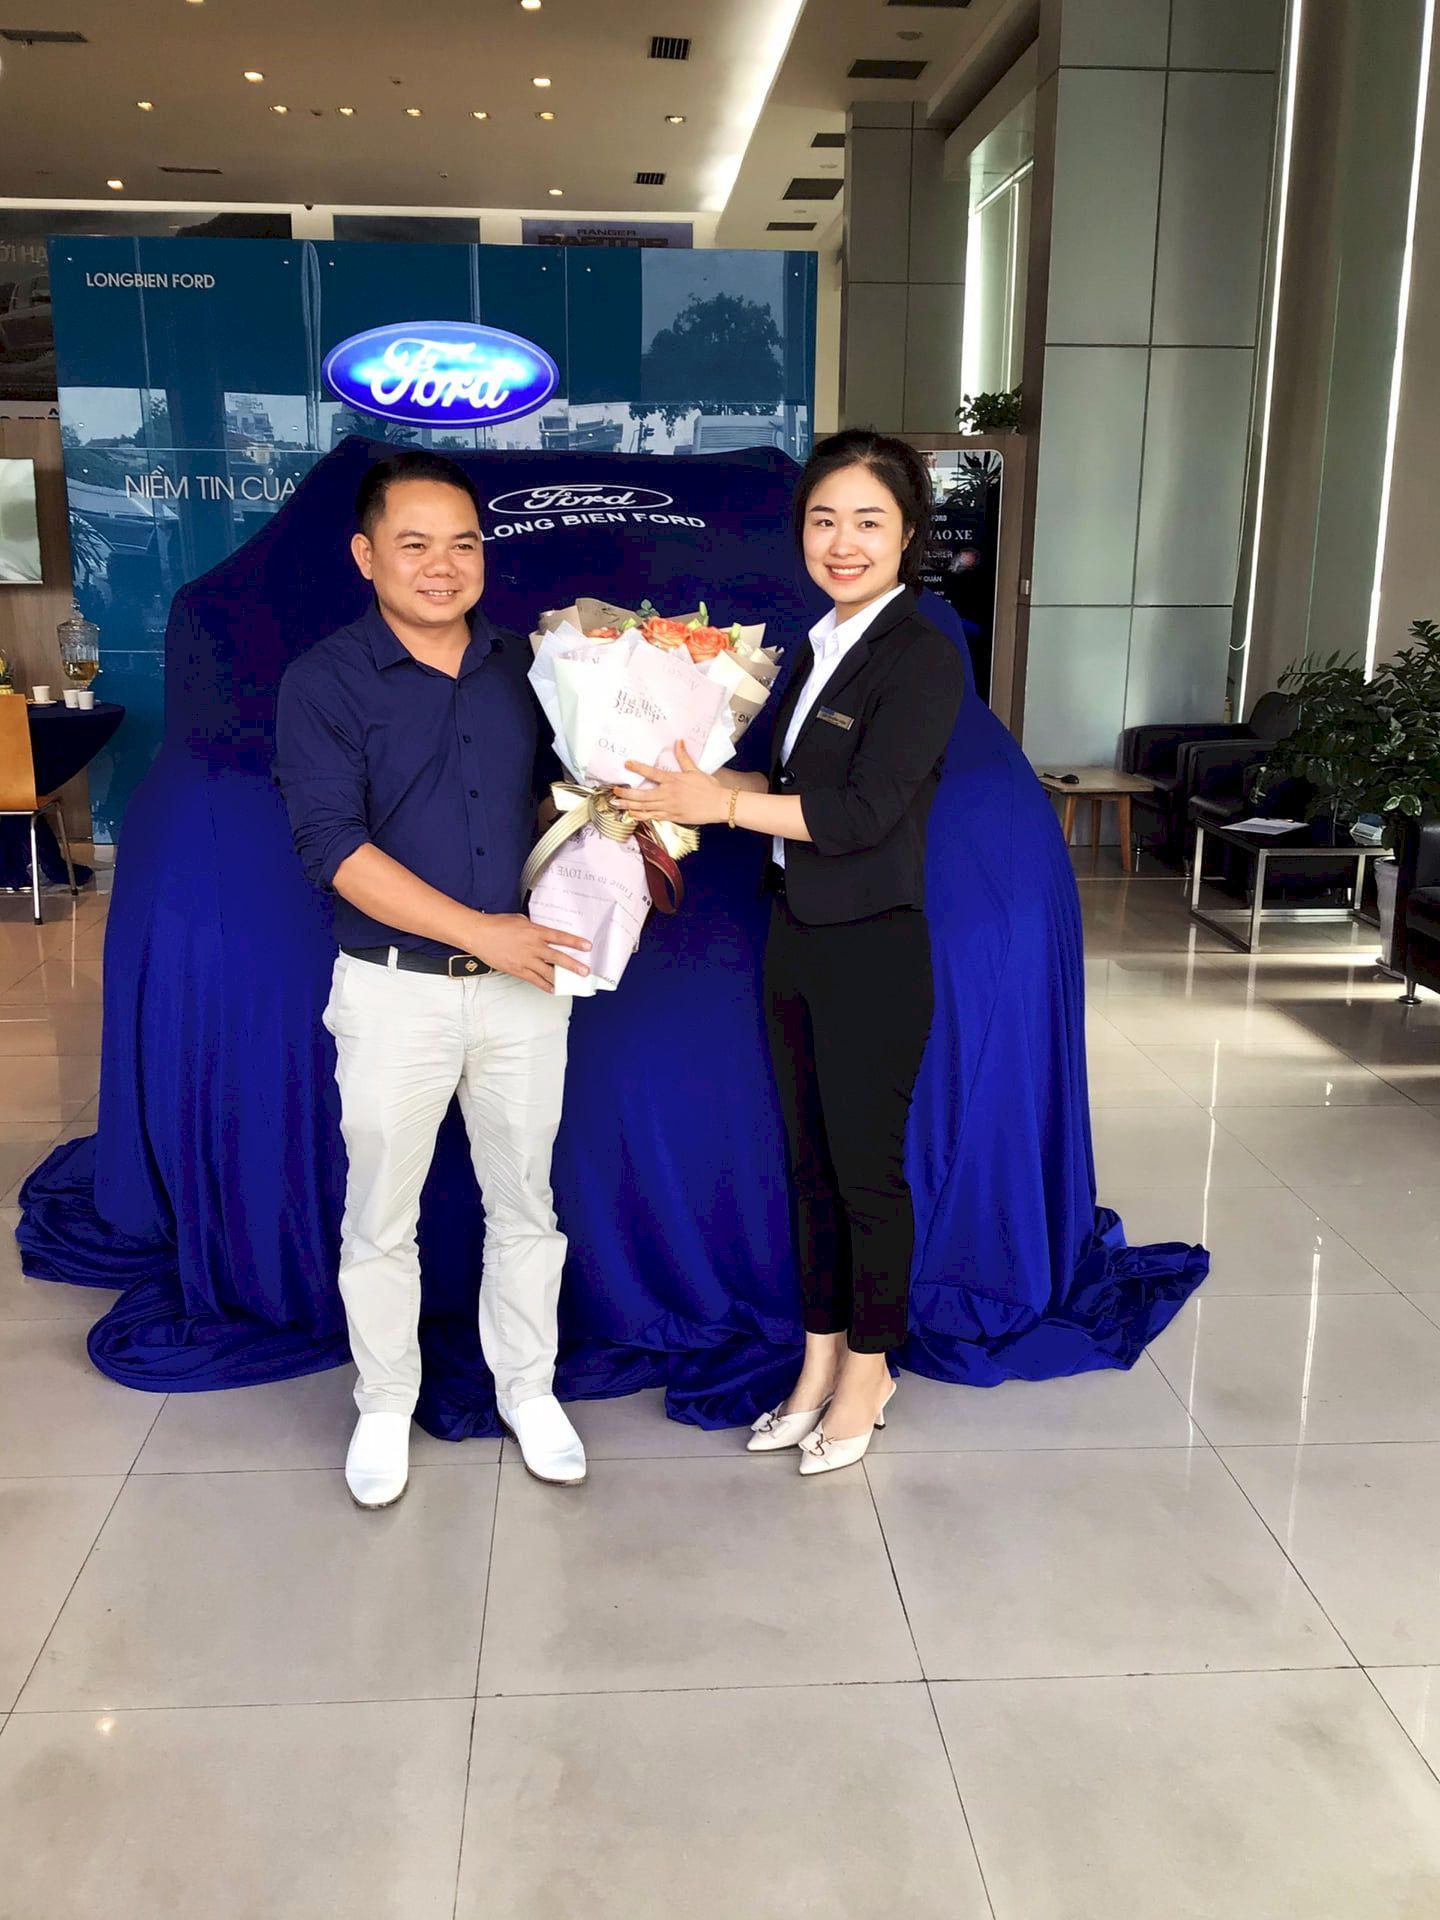 Long Biên triển khai Quy trình FGE trong lễ bàn giao xe Ford cho khách hàng tại Bắc Ninh năm 2021